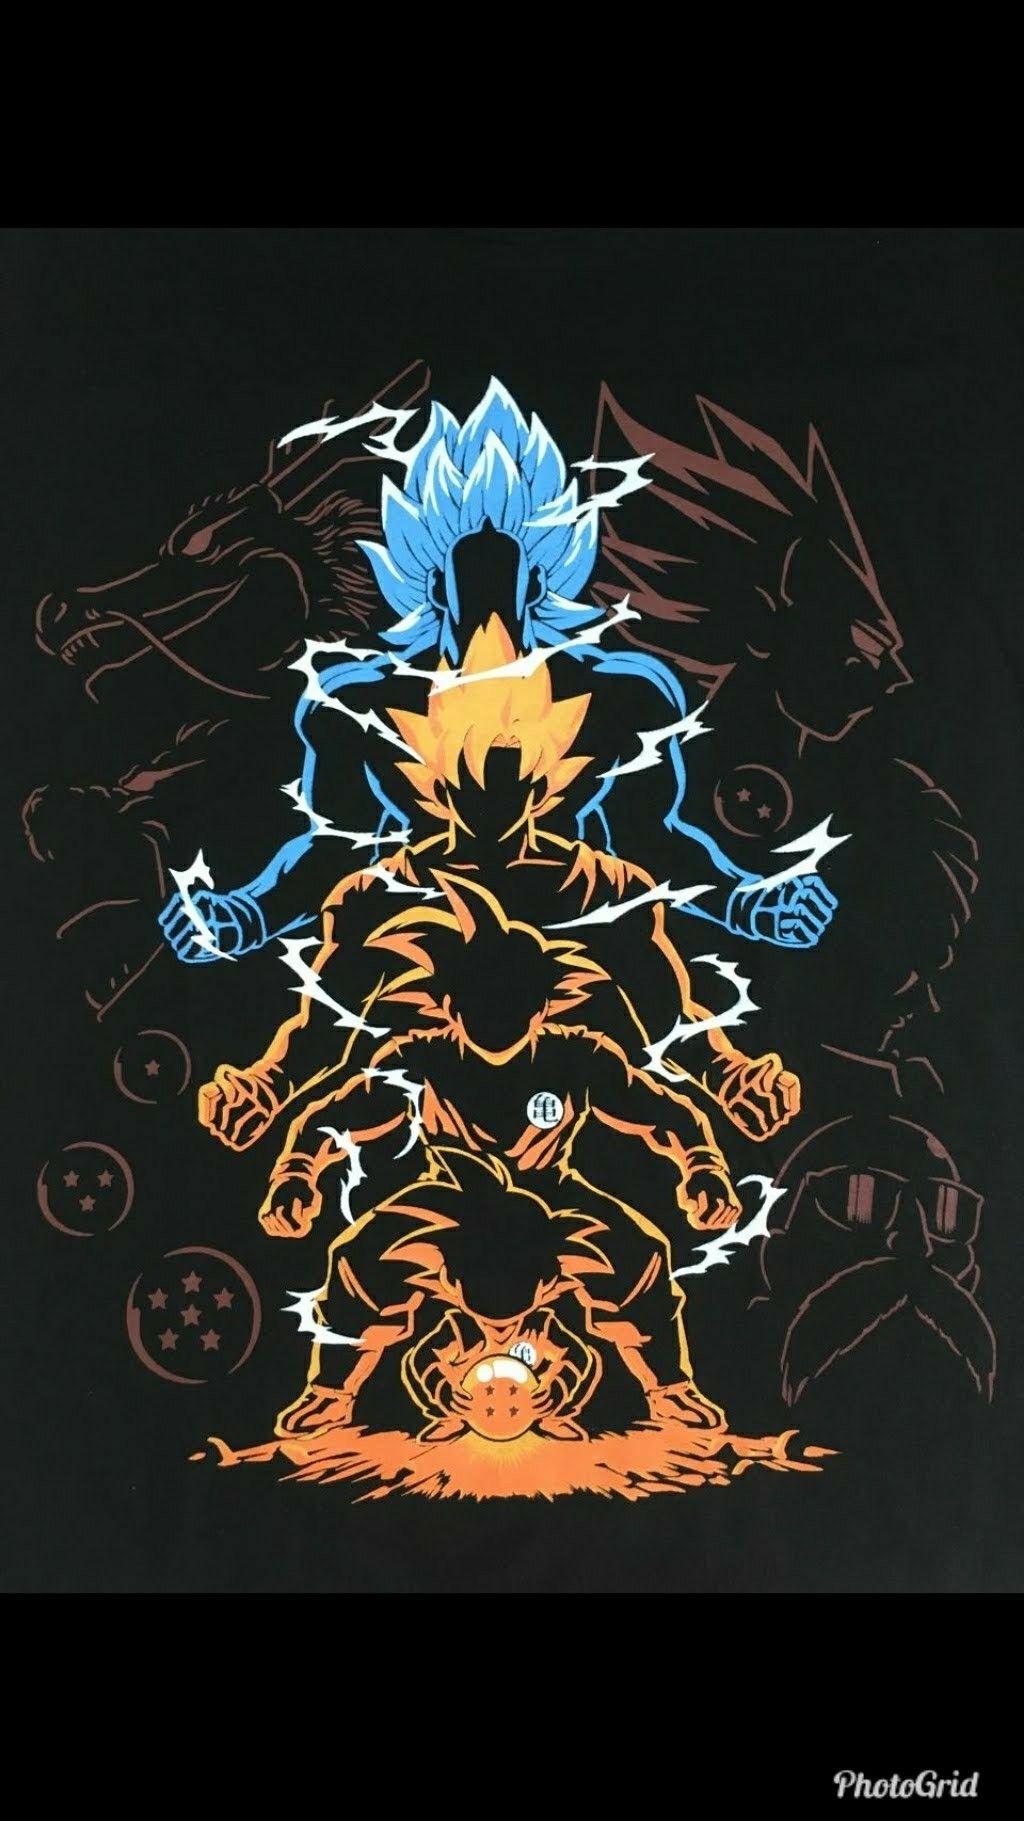 Pin By Martin Contreras On Dragon Ball Dragon Ball Super Artwork Dragon Ball Artwork Anime Dragon Ball Super